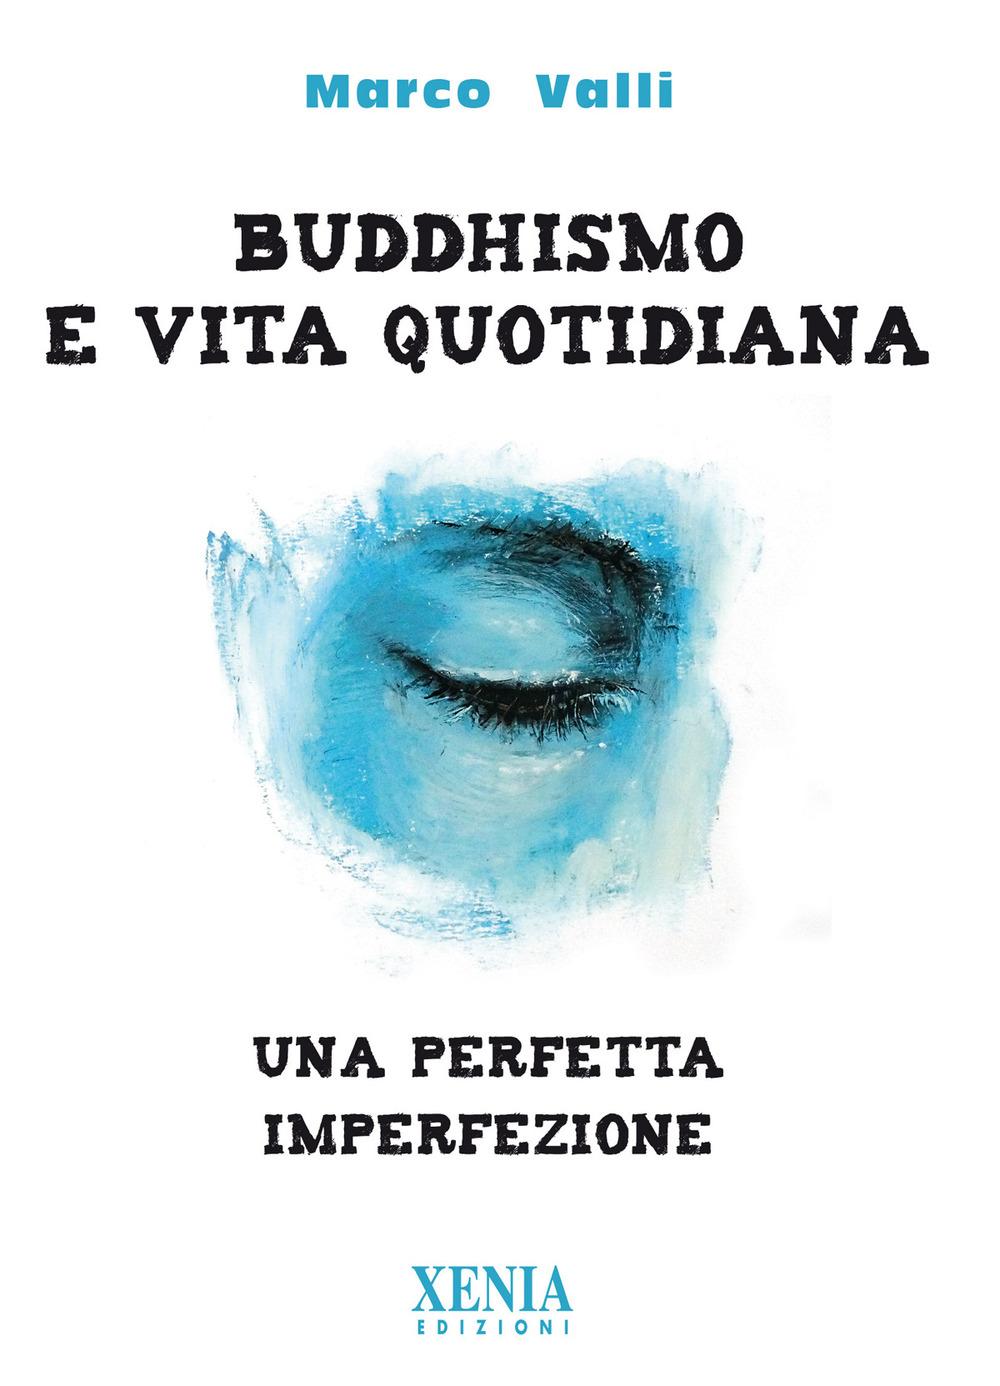 BUDDHISMO E VITA QUOTIDIANA. UNA PERFETTA IMPERFEZIONE - Valli Marco - 9788872738665